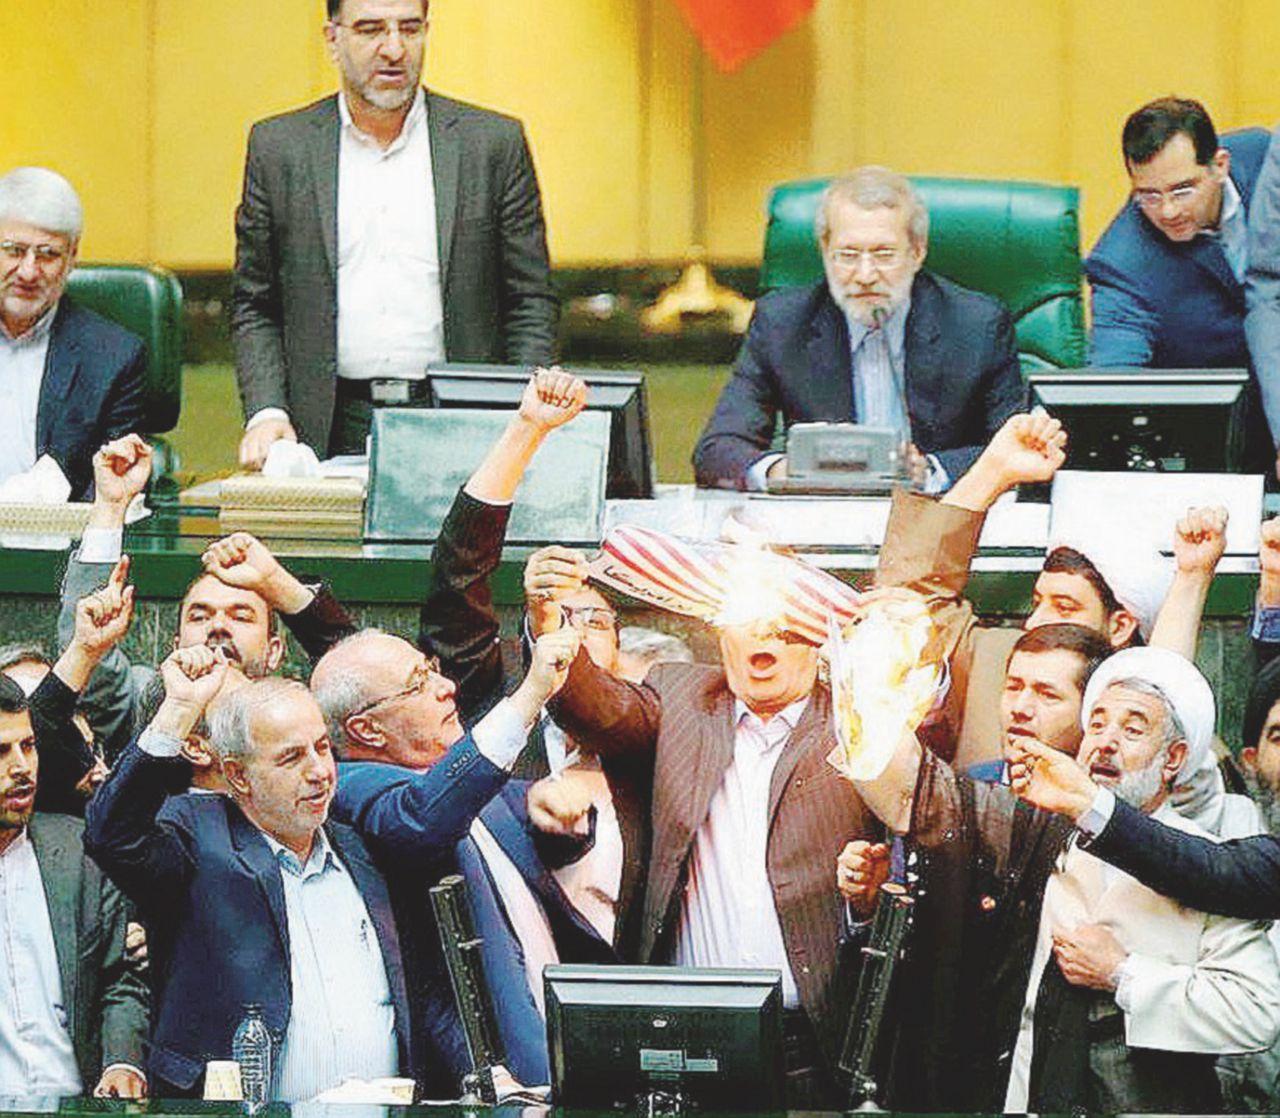 Dal Marocco all'Iraq la sfida a Risiko degli ayatollah